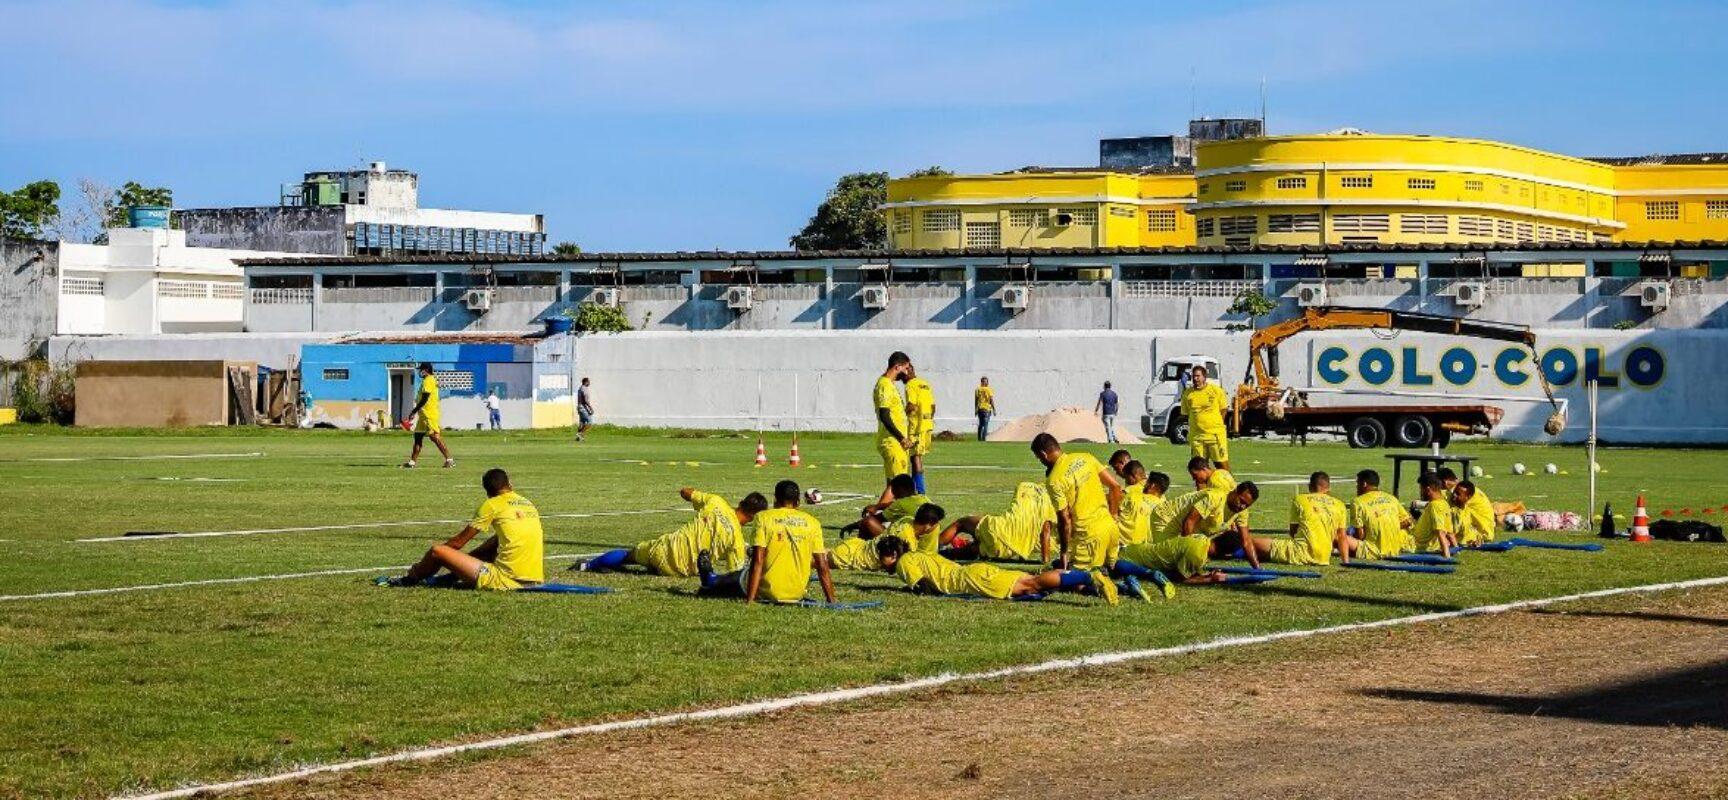 ILHÉUS: Colo-Colo vence mais um amistoso preparatório